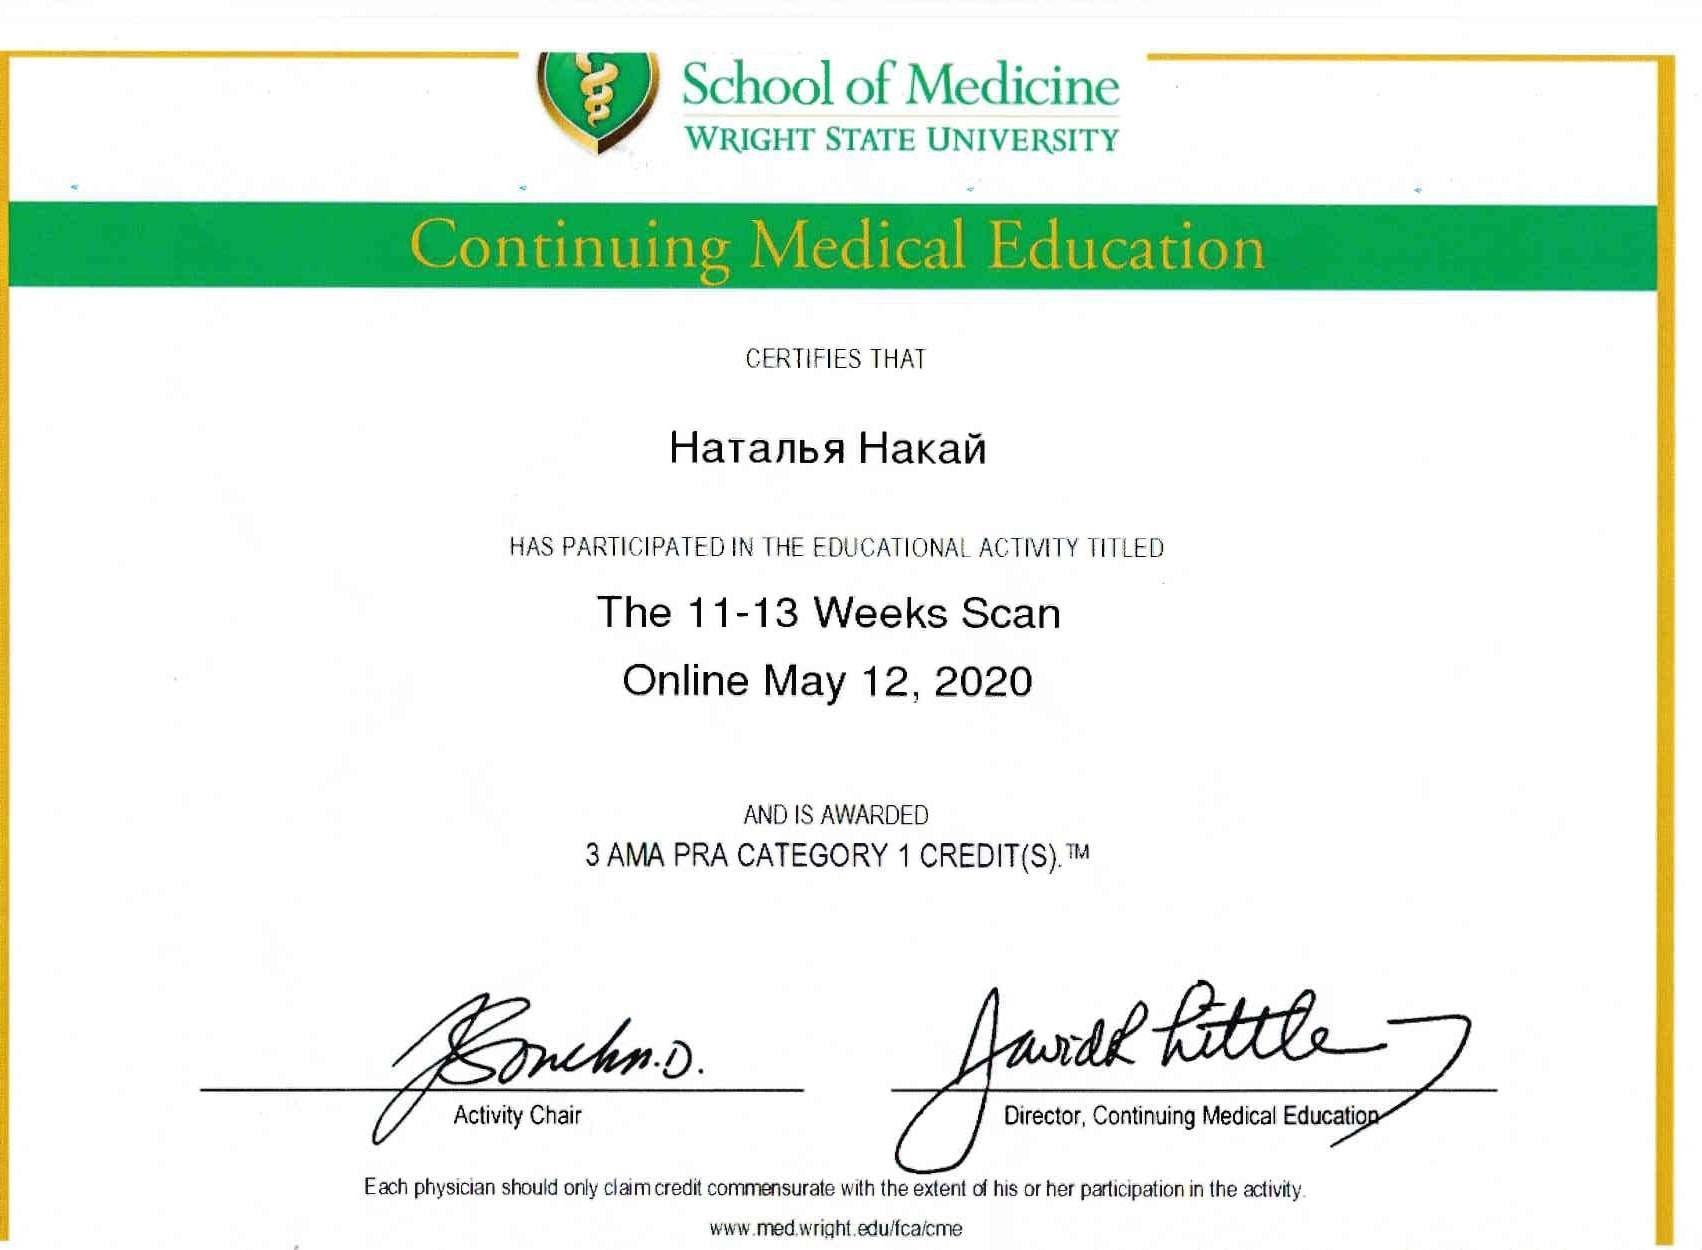 Сертификат об участии в образовательном мероприятии